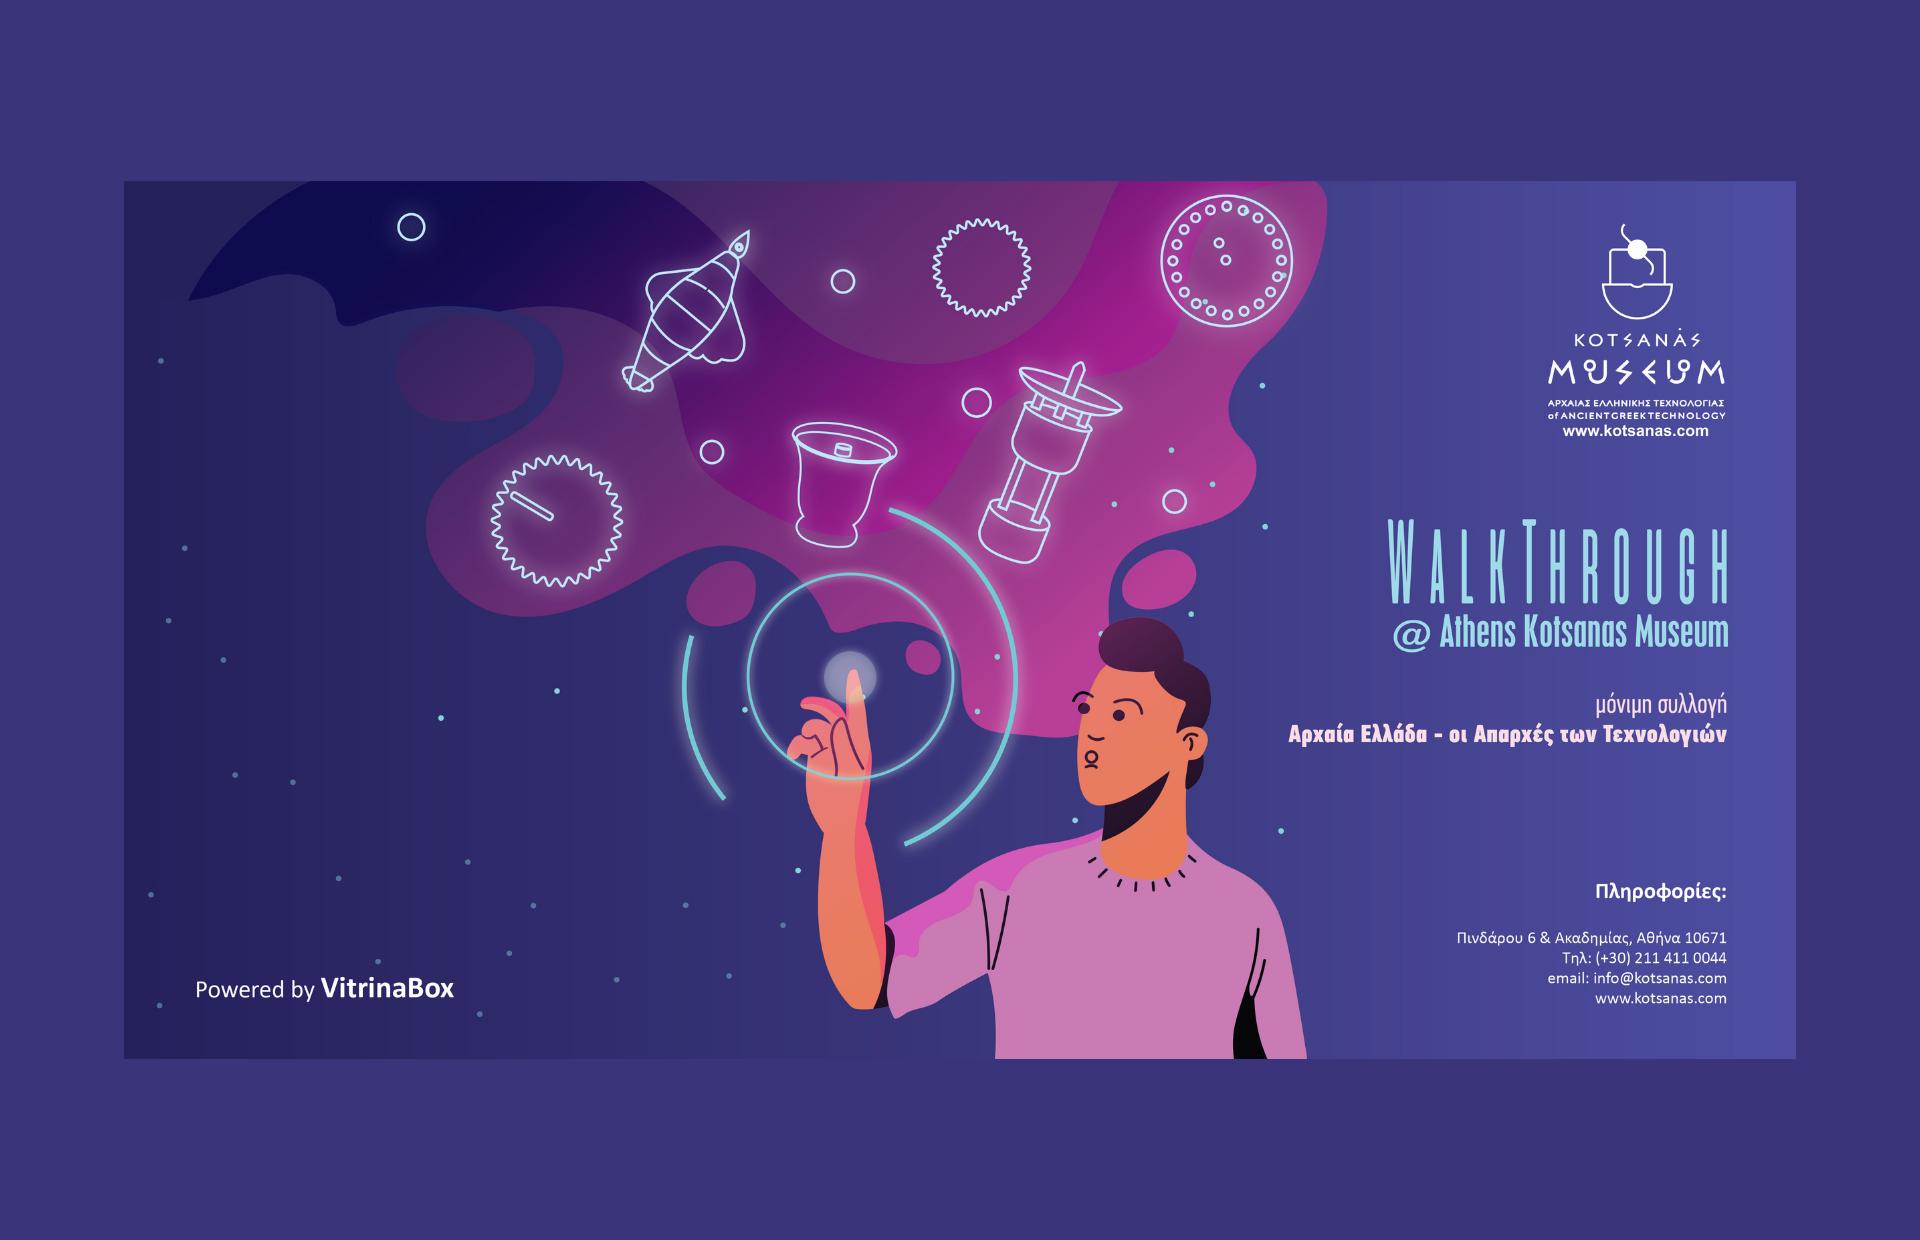 Διαδραστική εικονική περιήγηση στο Μουσείο Κοτσανά